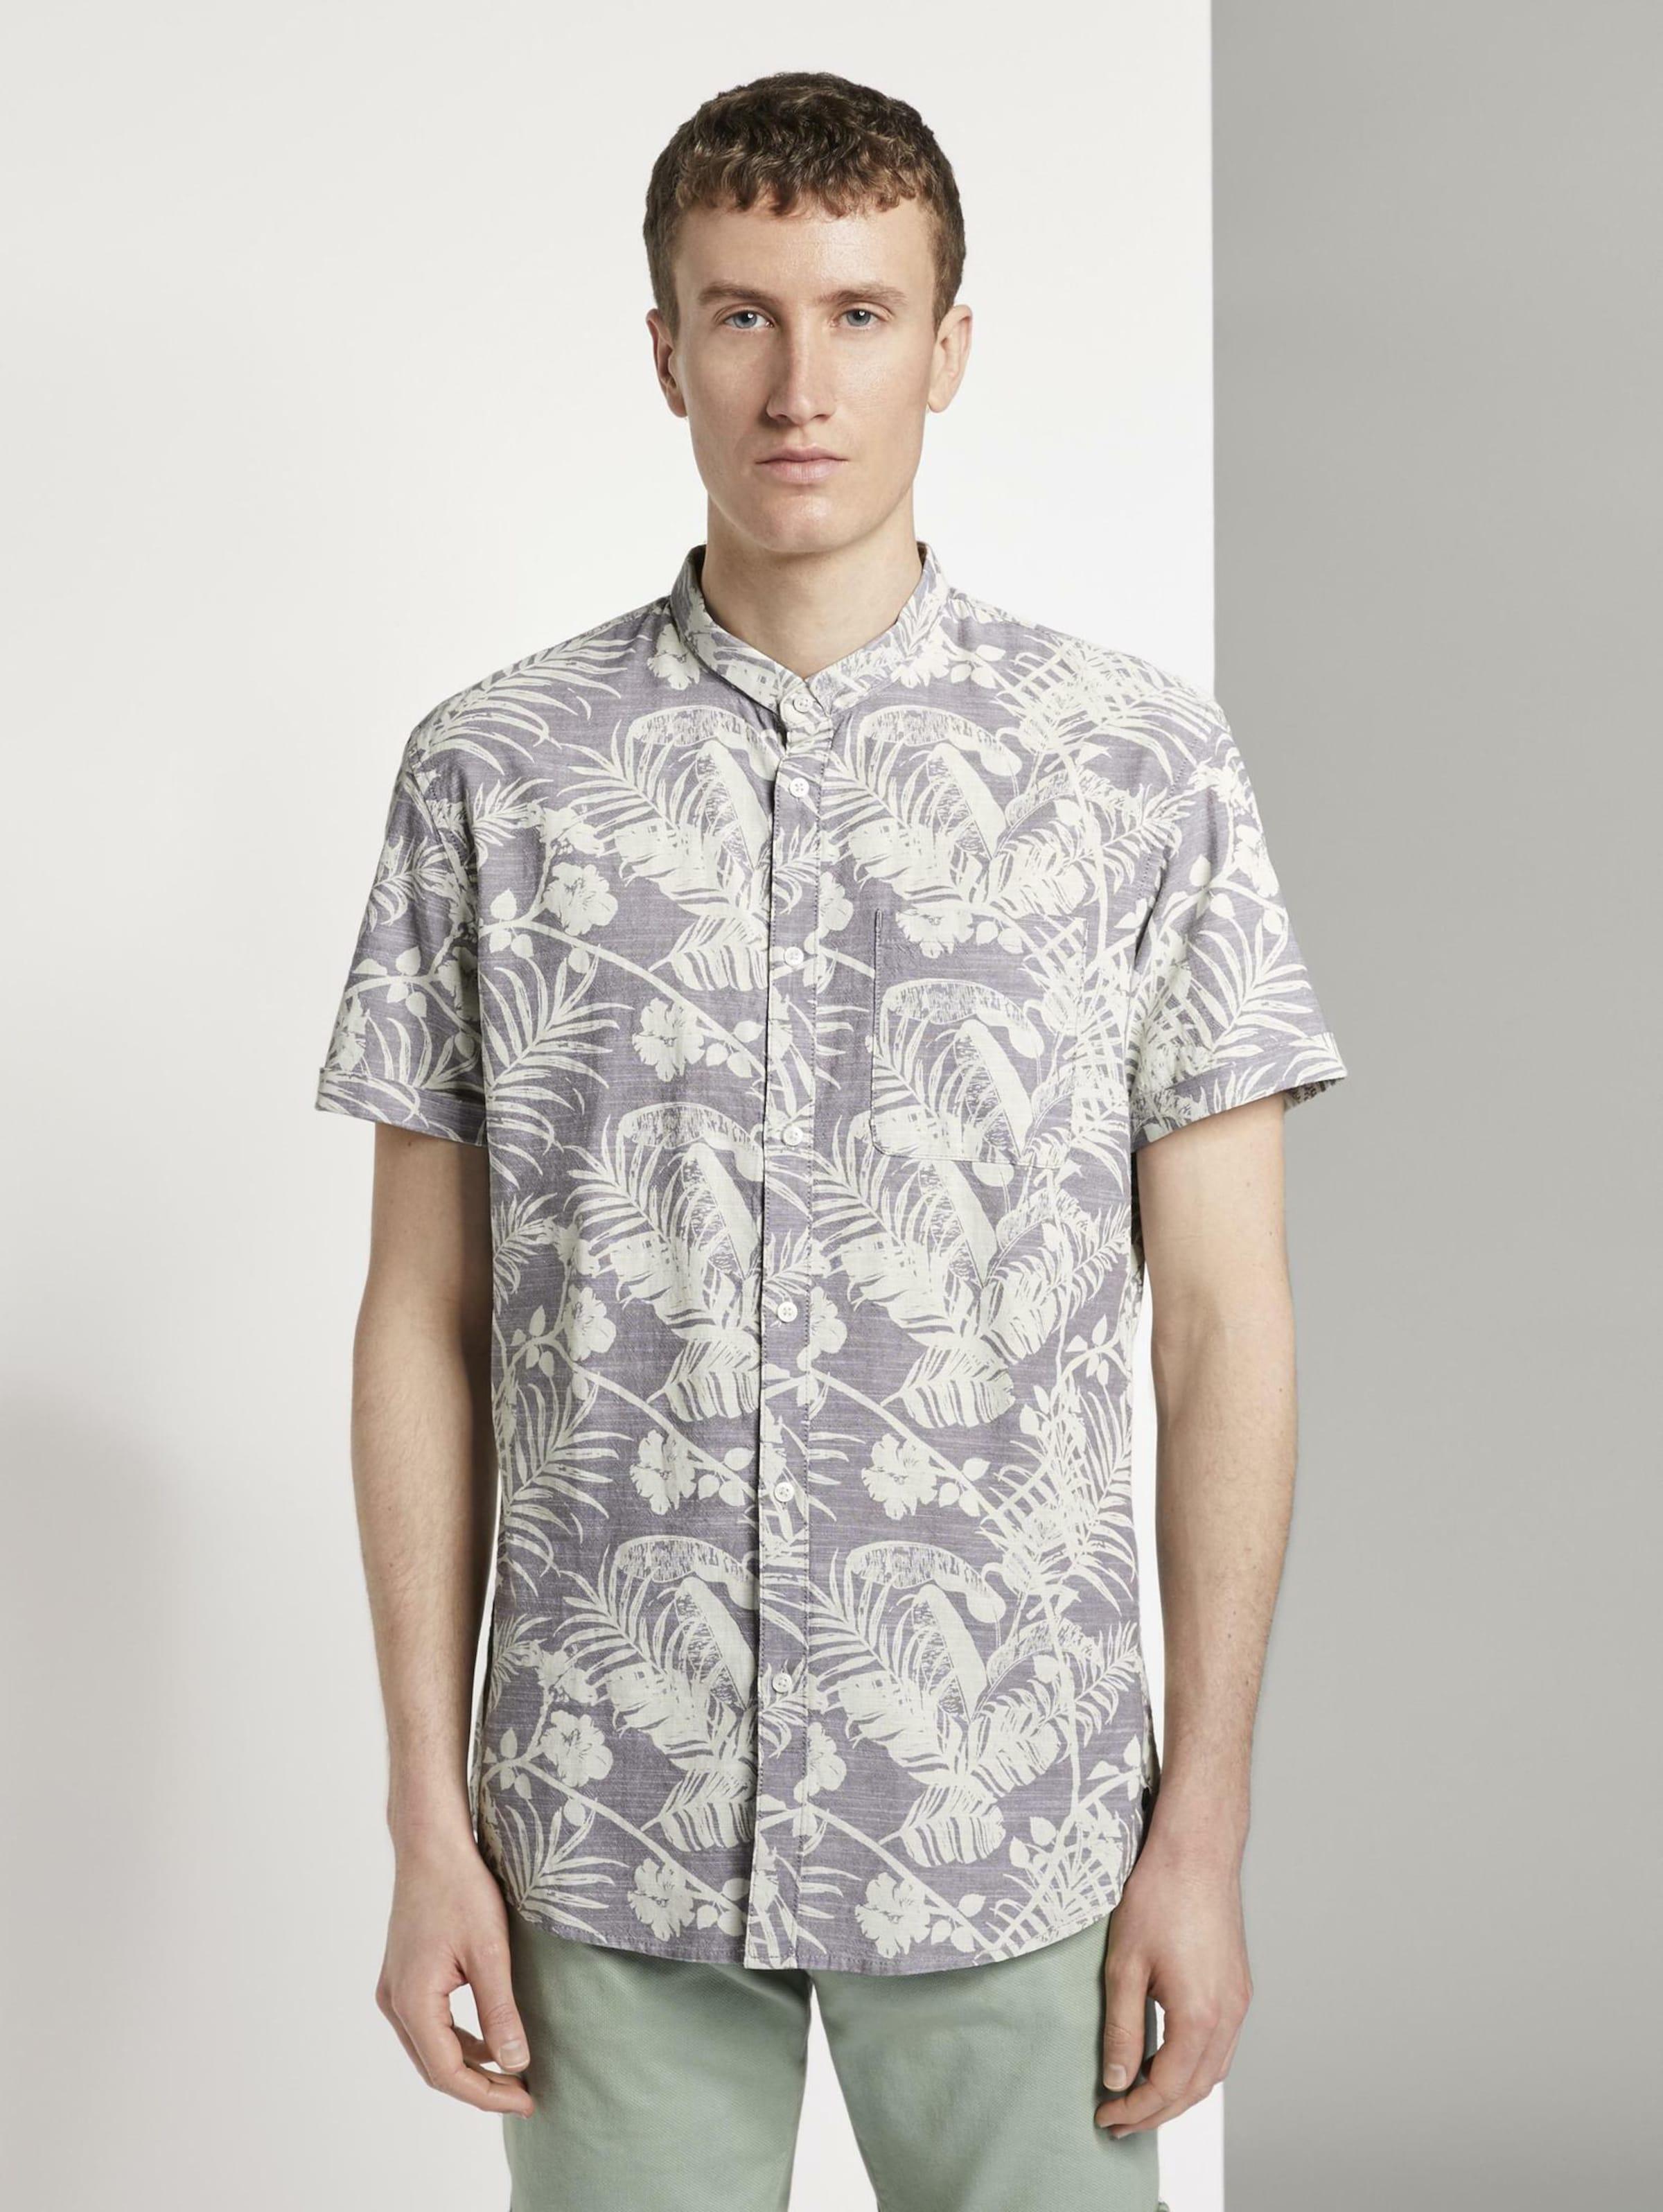 TOM TAILOR DENIM Blusen & Shirts Gemustertes Kurzarmhemd mit Mao-Kragen in beige Geblümt/floral 1018583008